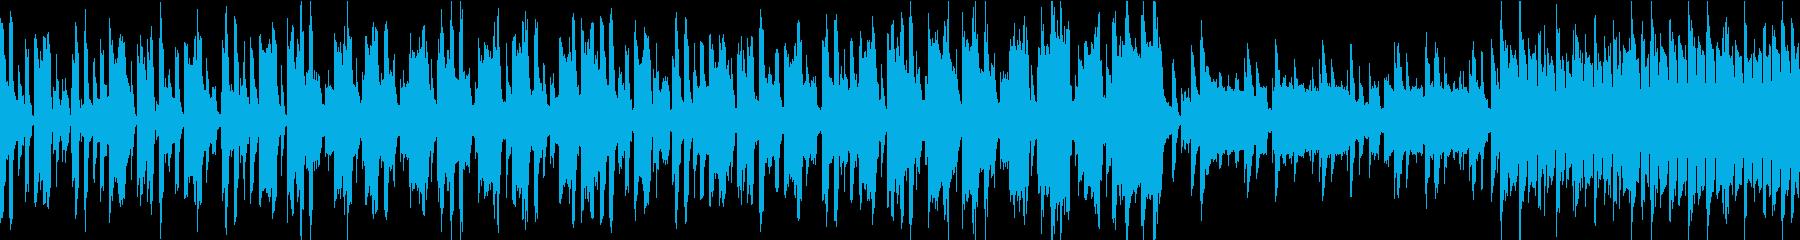 シンセ音のポップな日常風景曲。ループ仕様の再生済みの波形